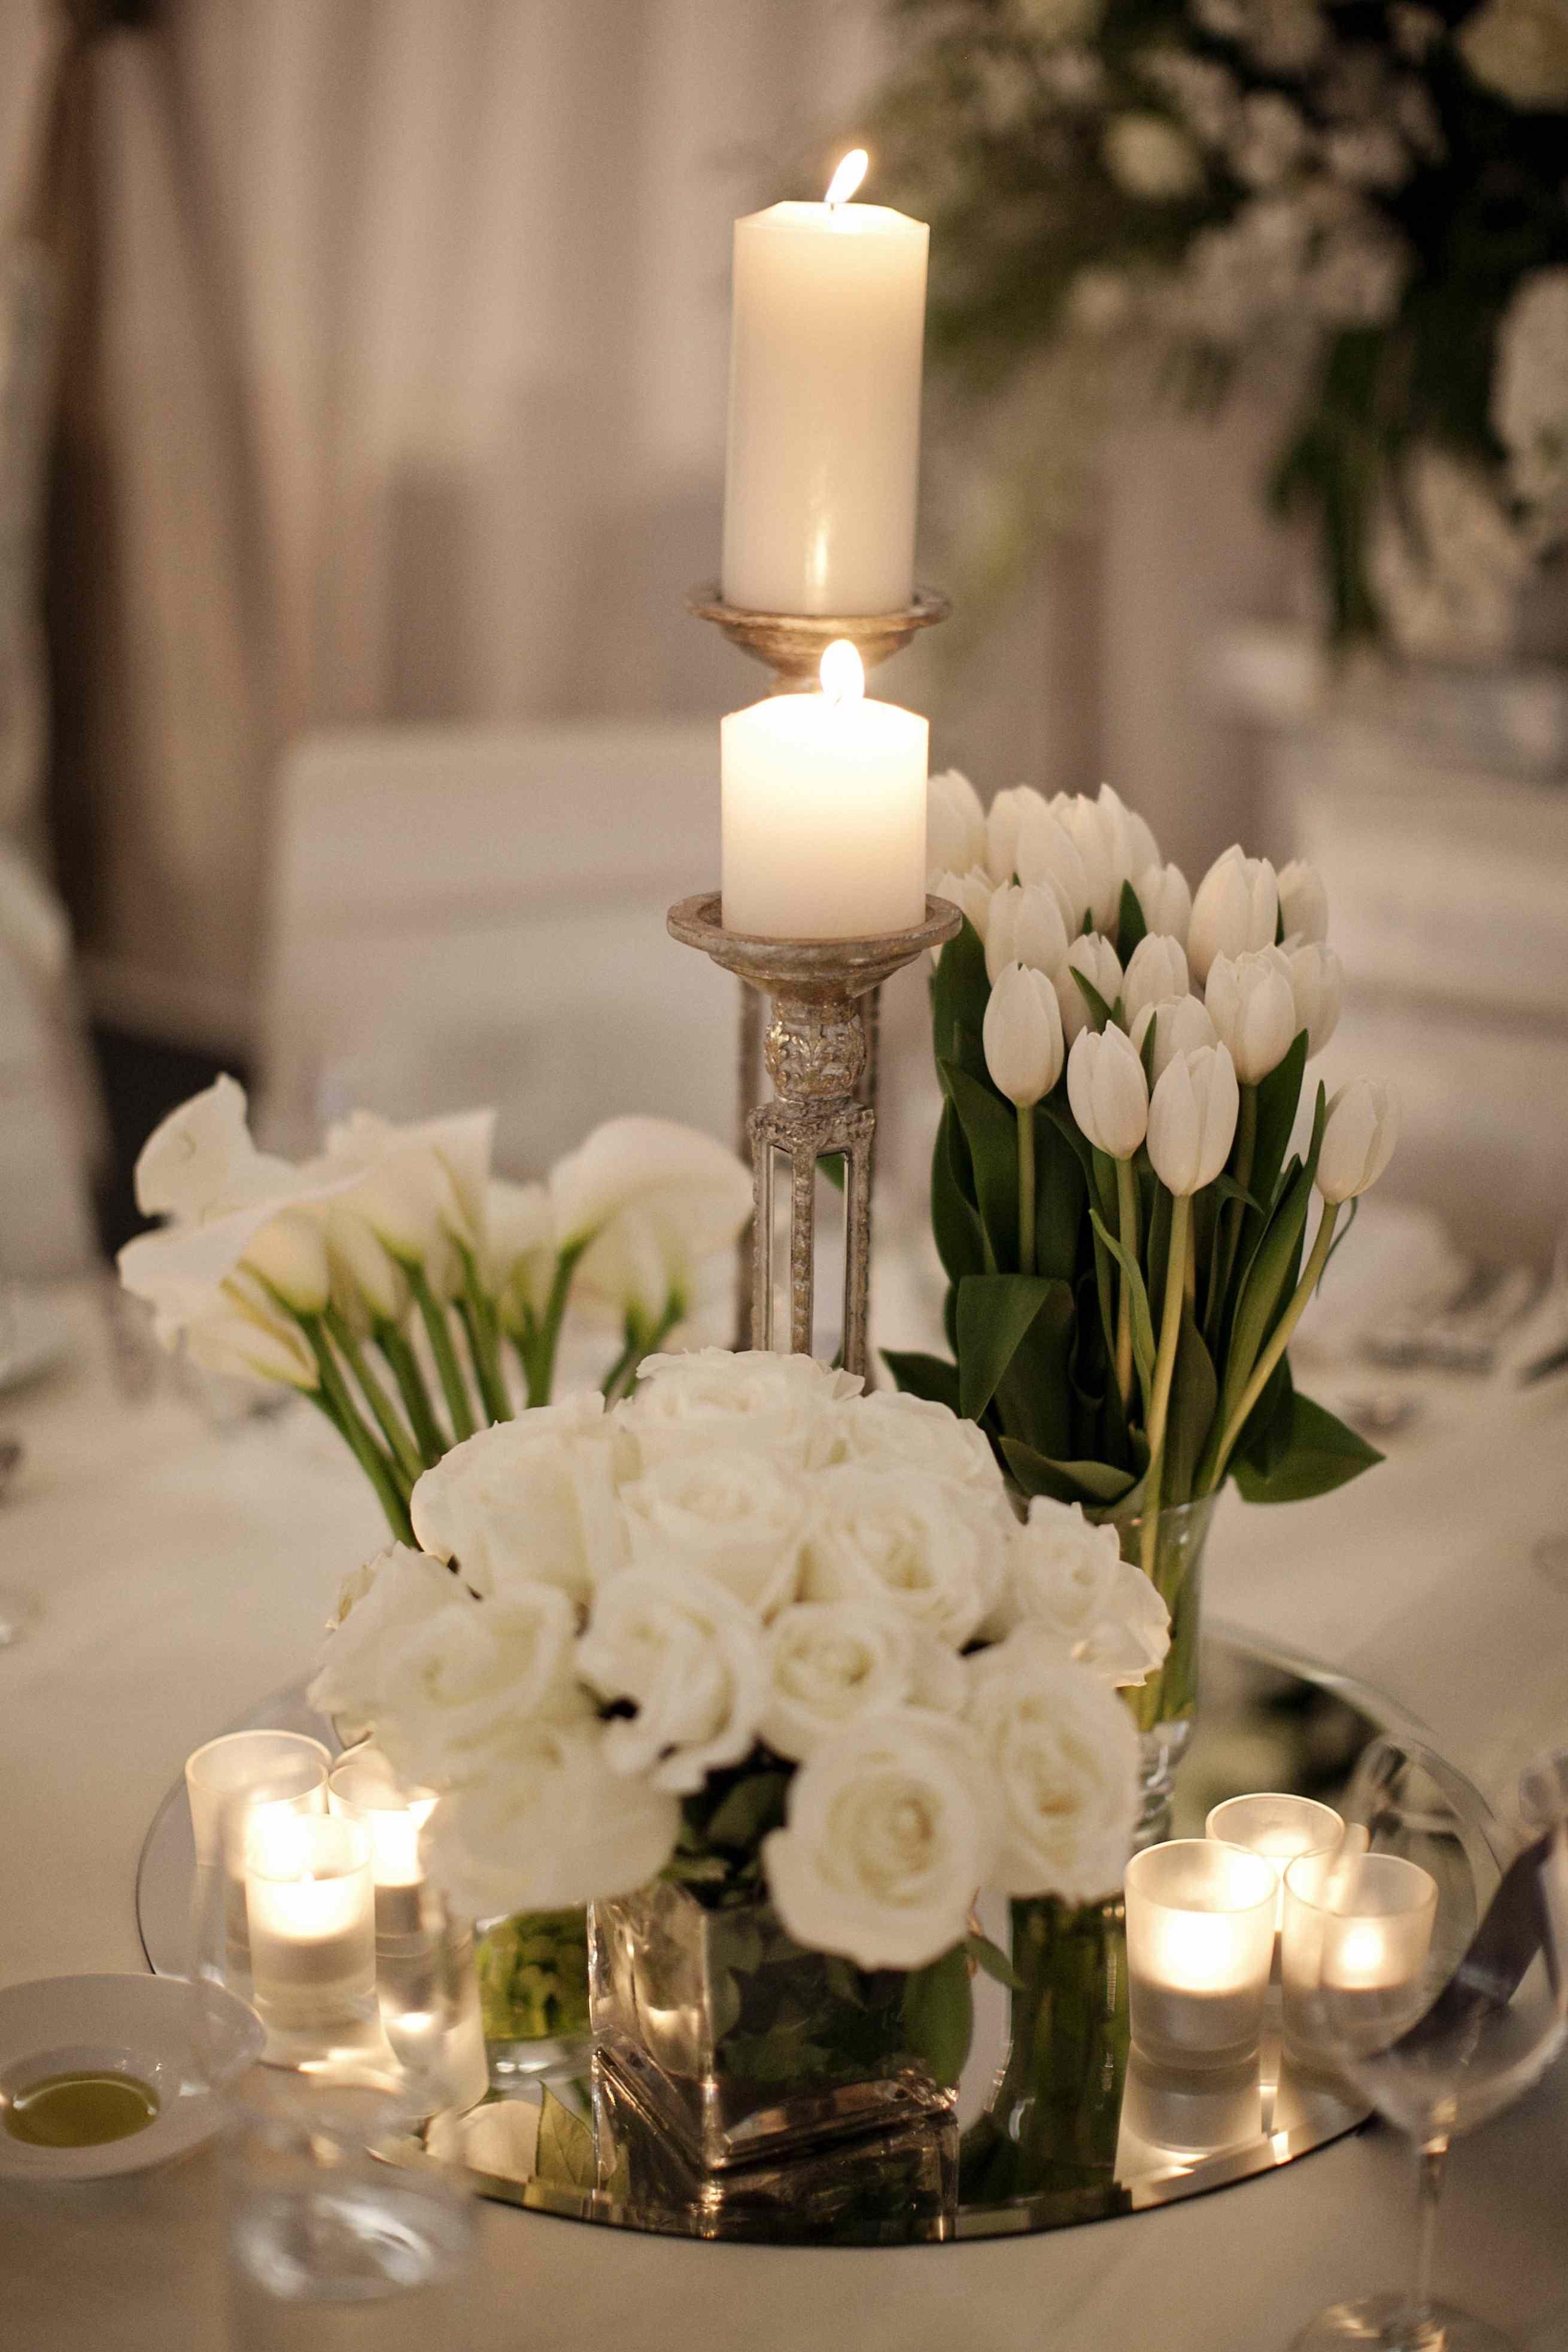 Centros de mesa con velas y base de espejo precioso